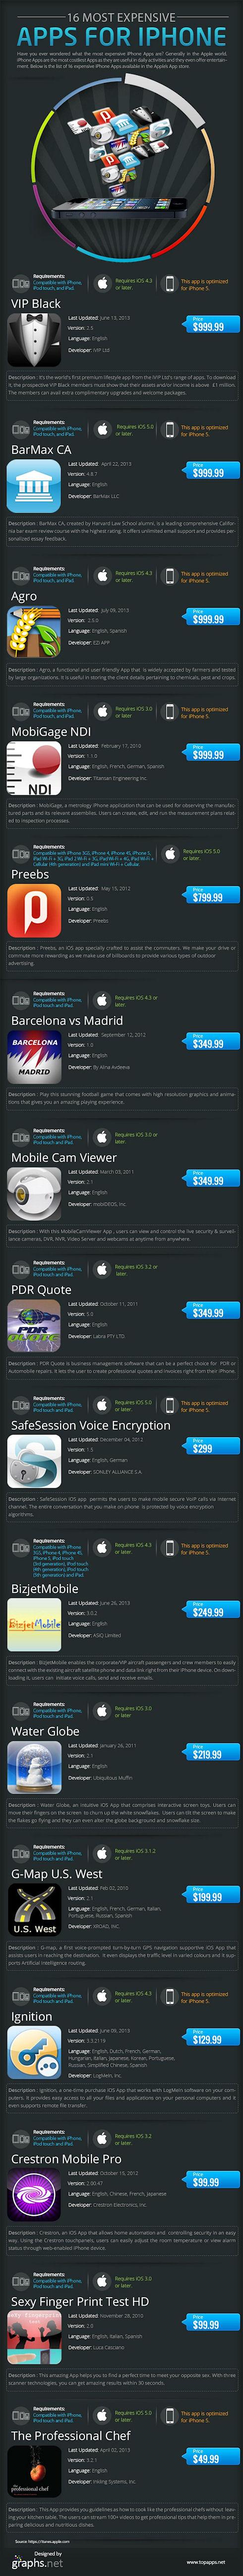 Самые дорогие и бессмысленные приложения в AppStore